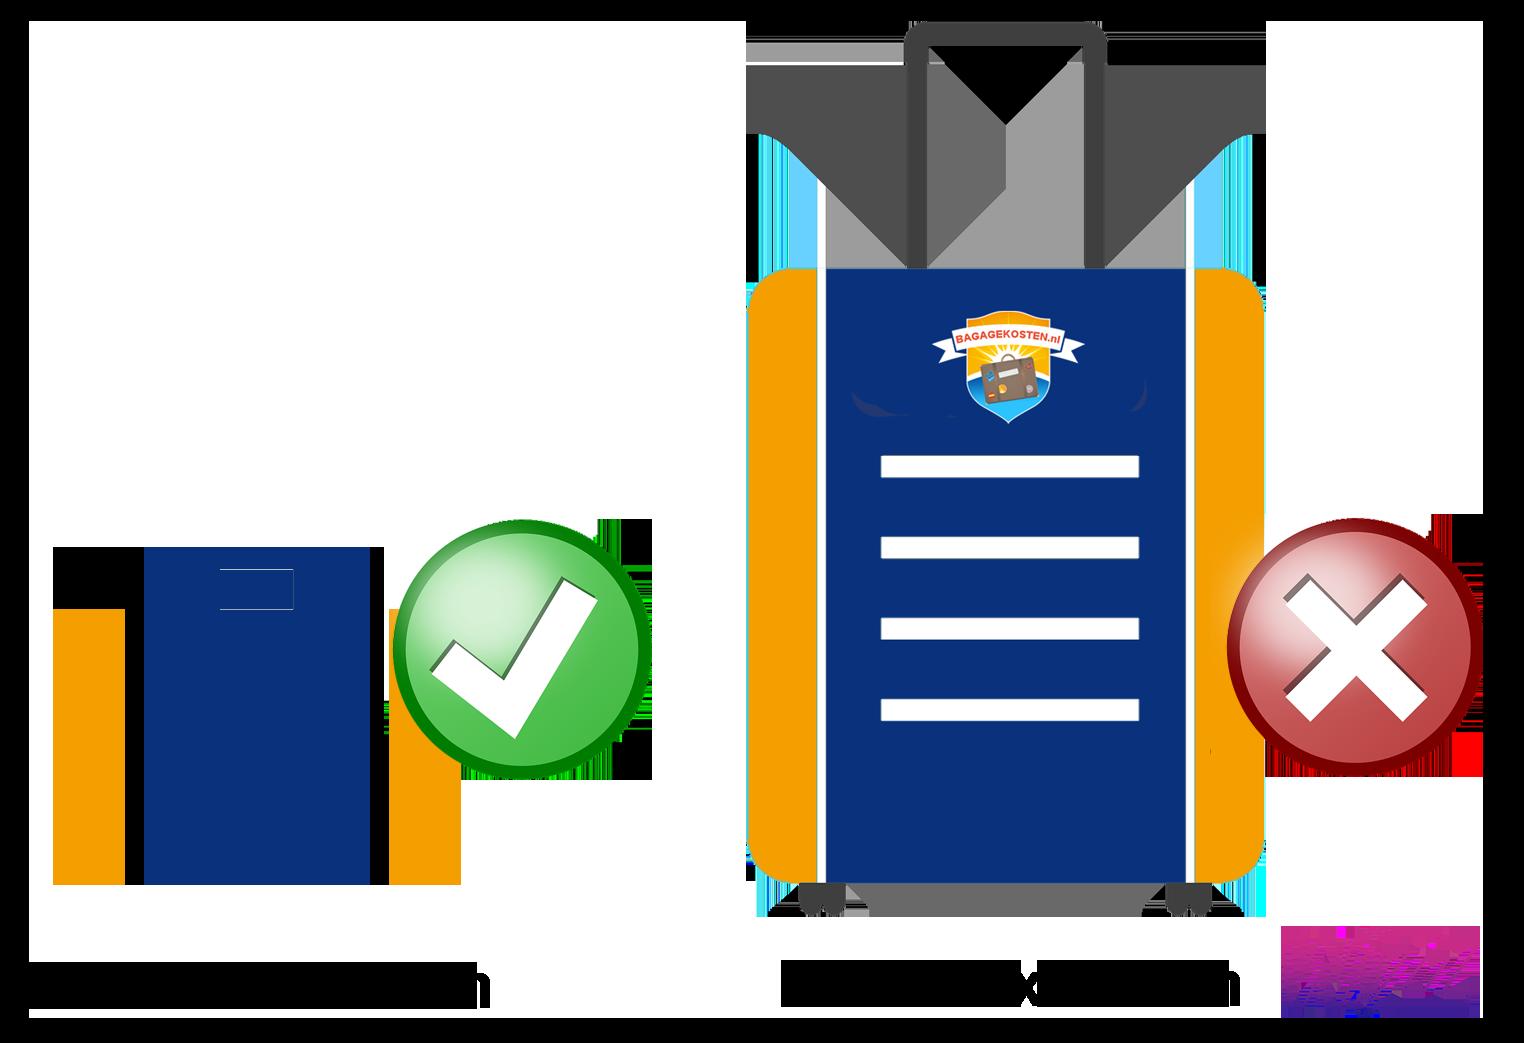 Wizz handbagage afmetingen